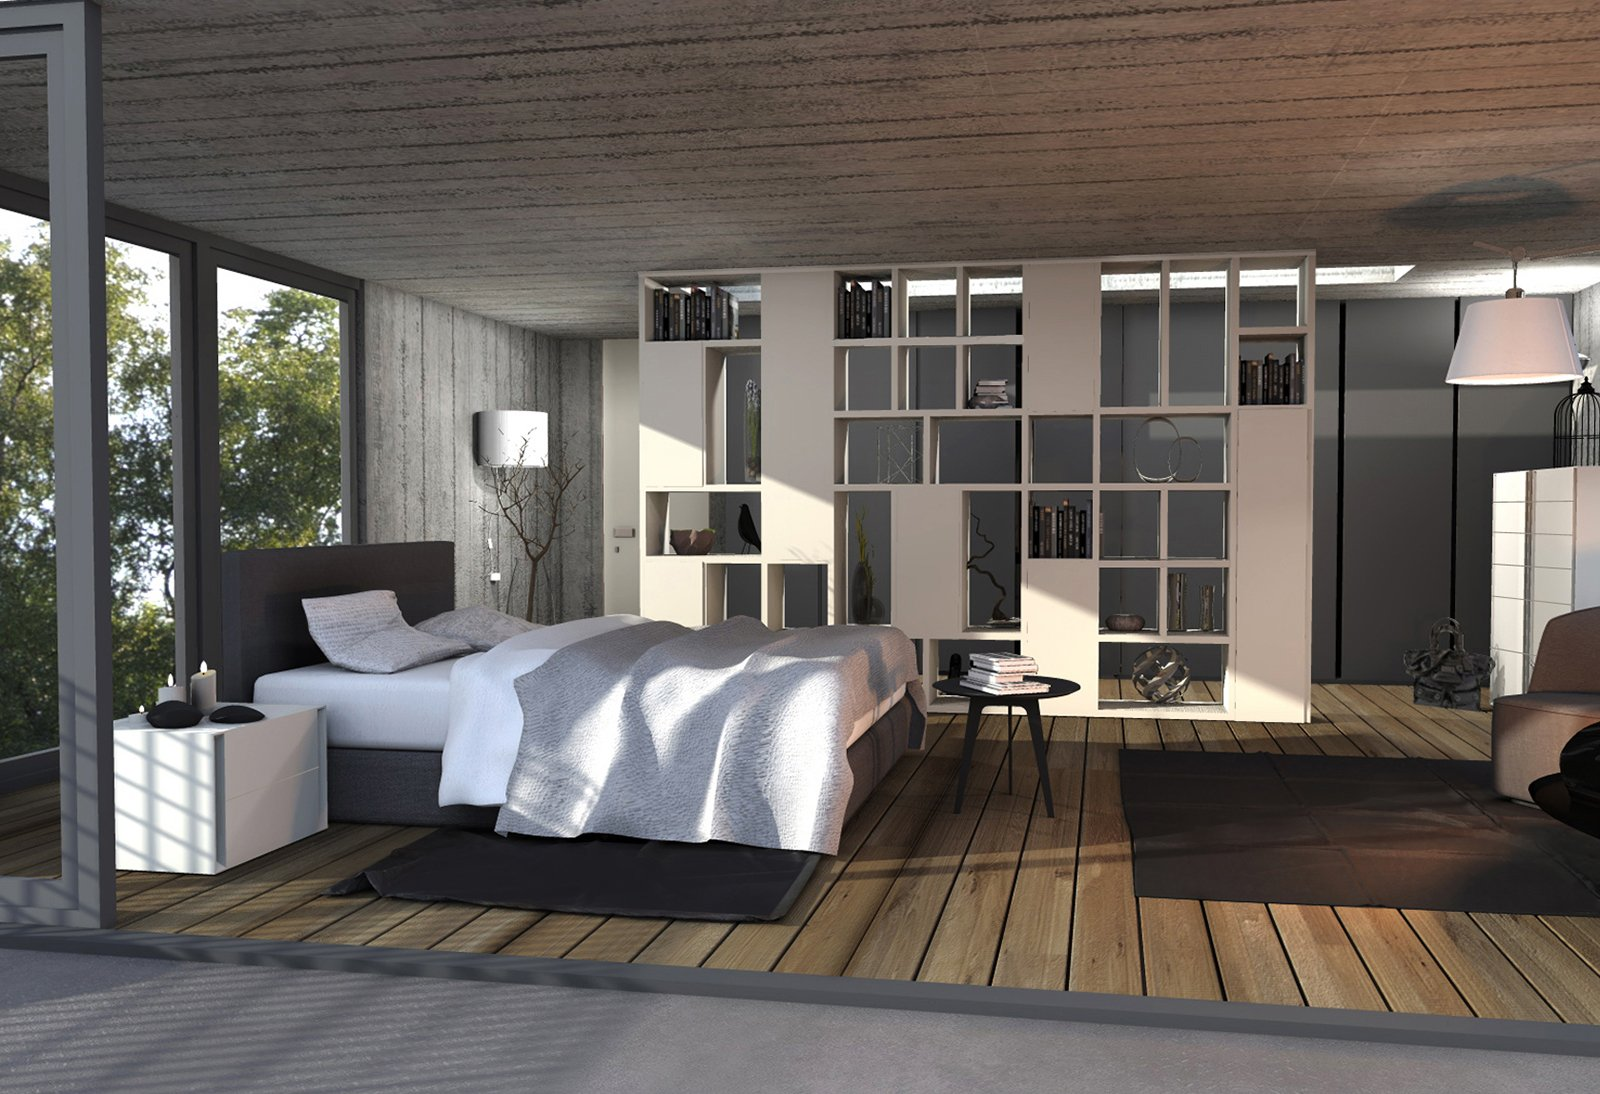 Arredare la camera da letto un progetto di interior design cose di casa - Progetto casa design ...